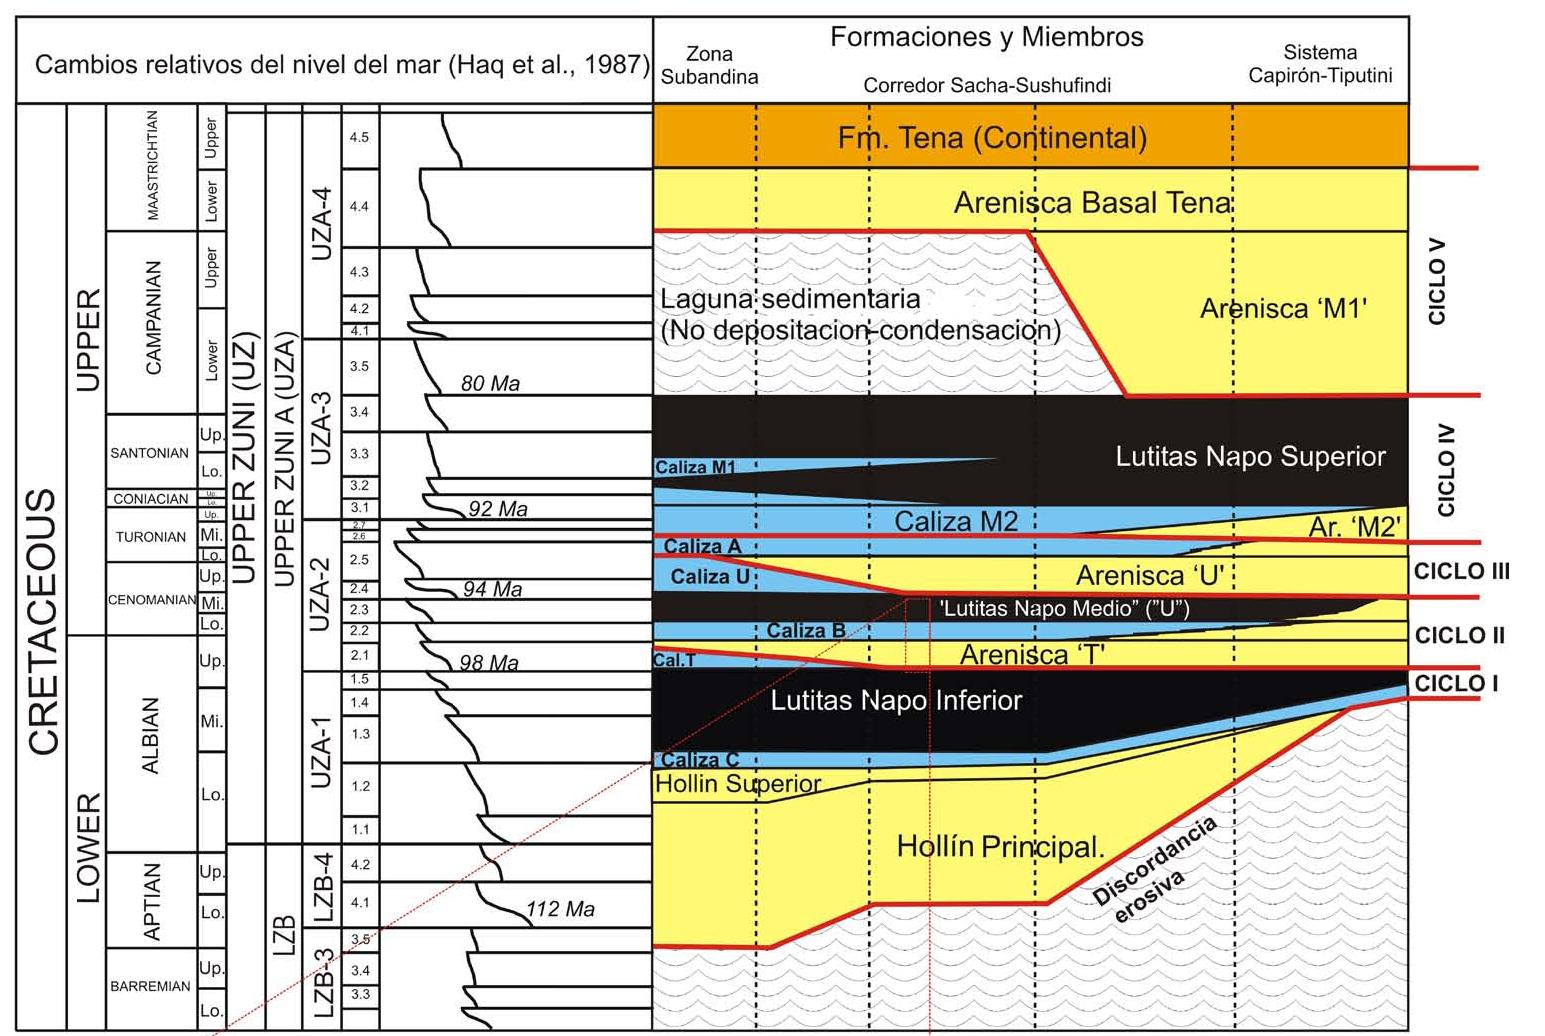 La Cuenca Oriente Geología Y Petróleo Estratigrafía